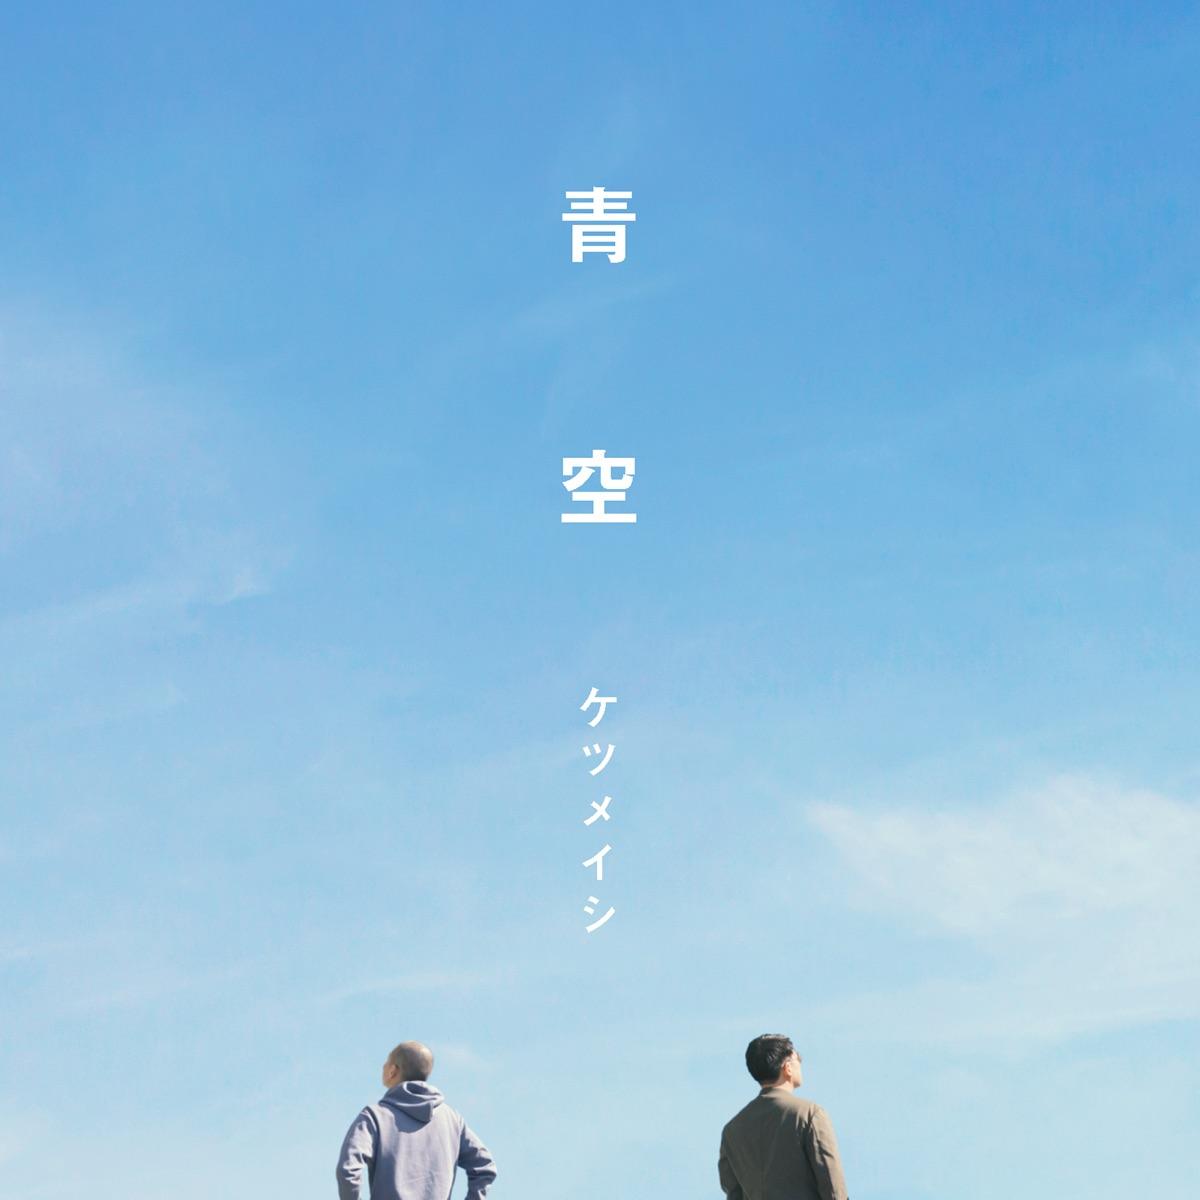 『ケツメイシ - 青空』収録の『青空』ジャケット